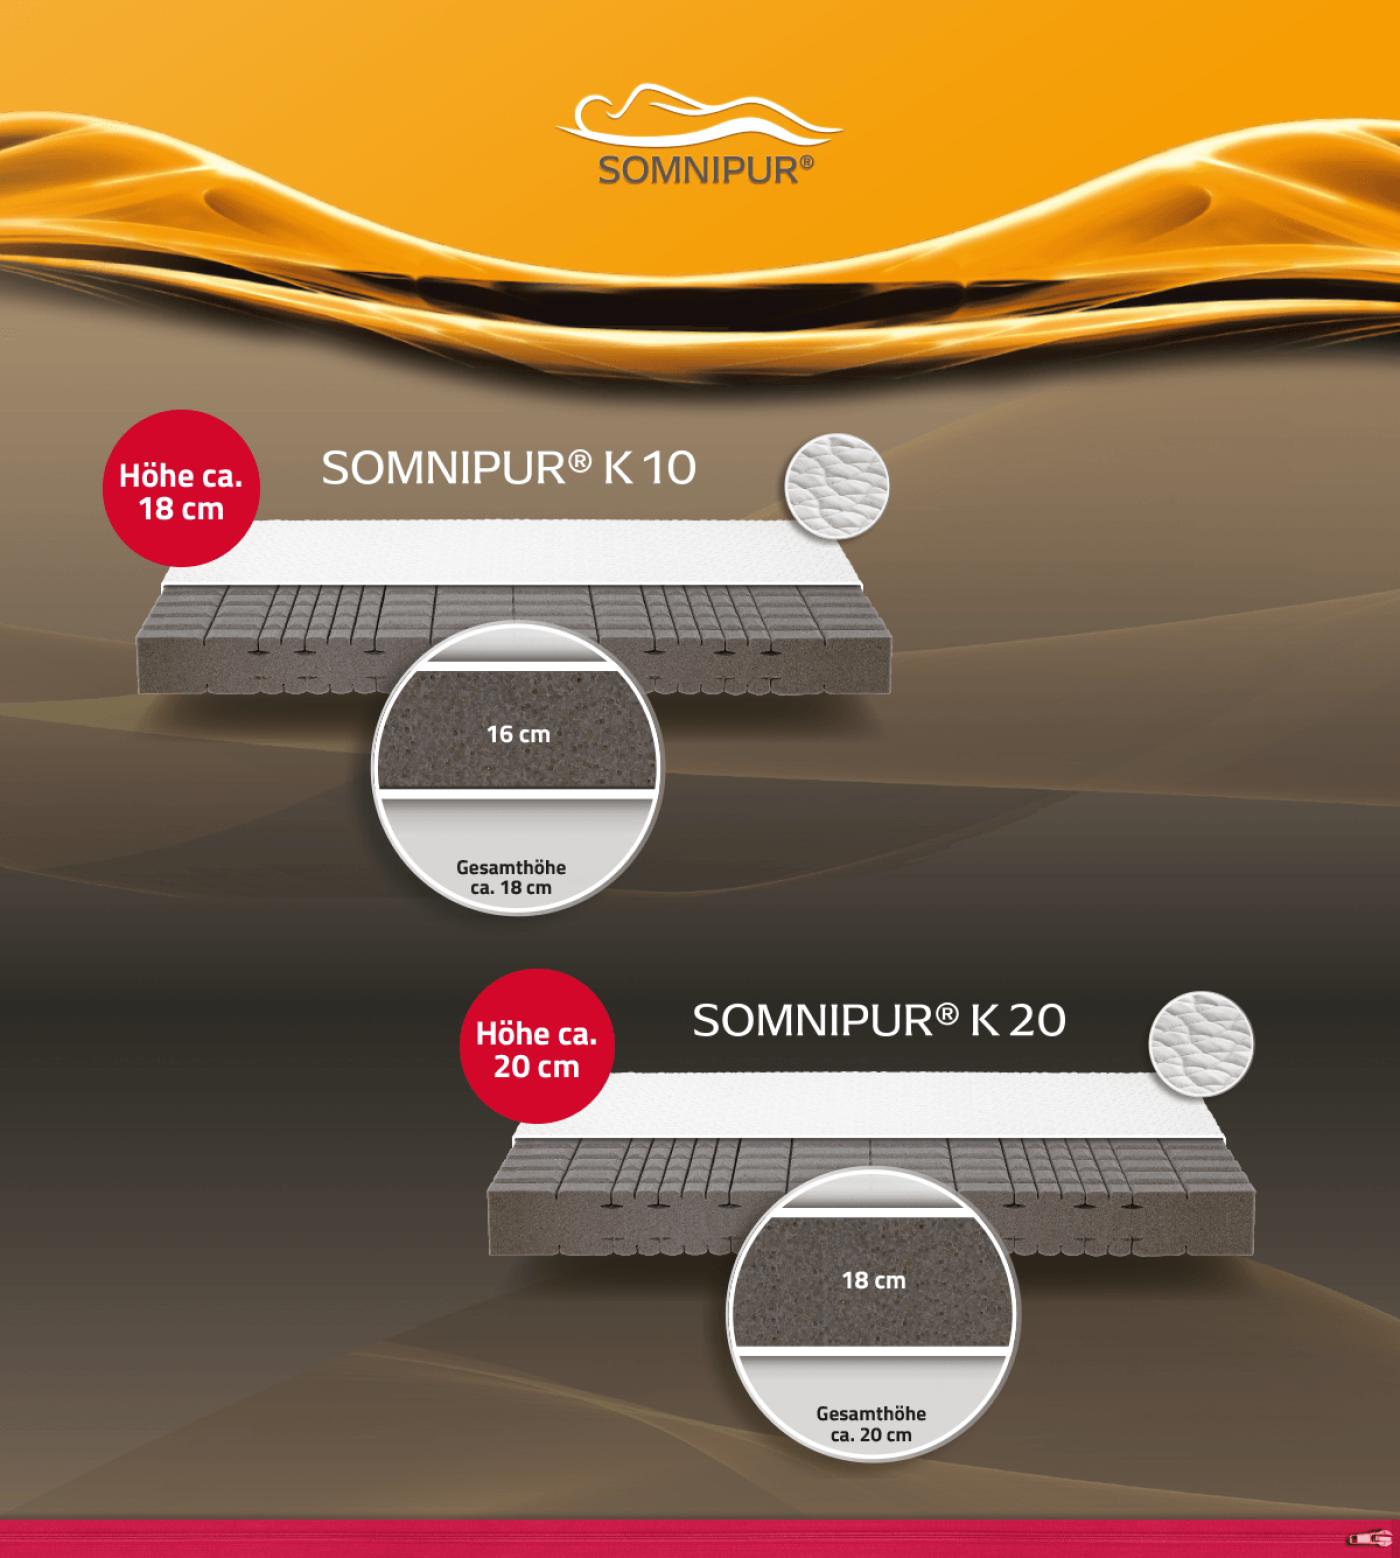 Somnipur K10 & Somnipur K20